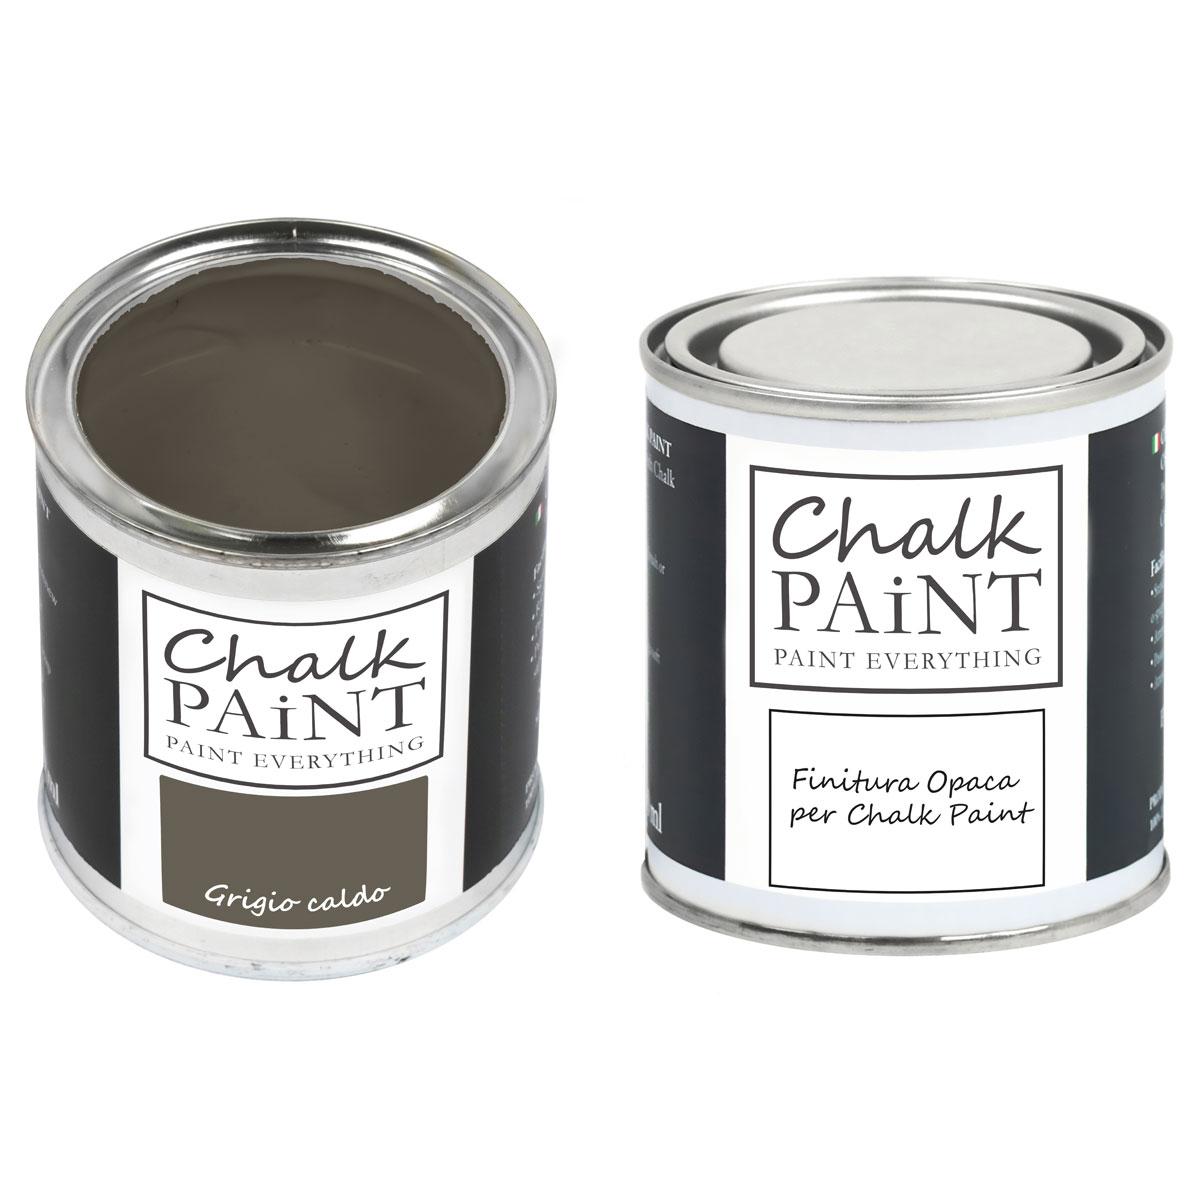 Chalk Paint Grigio Caldo decora facile